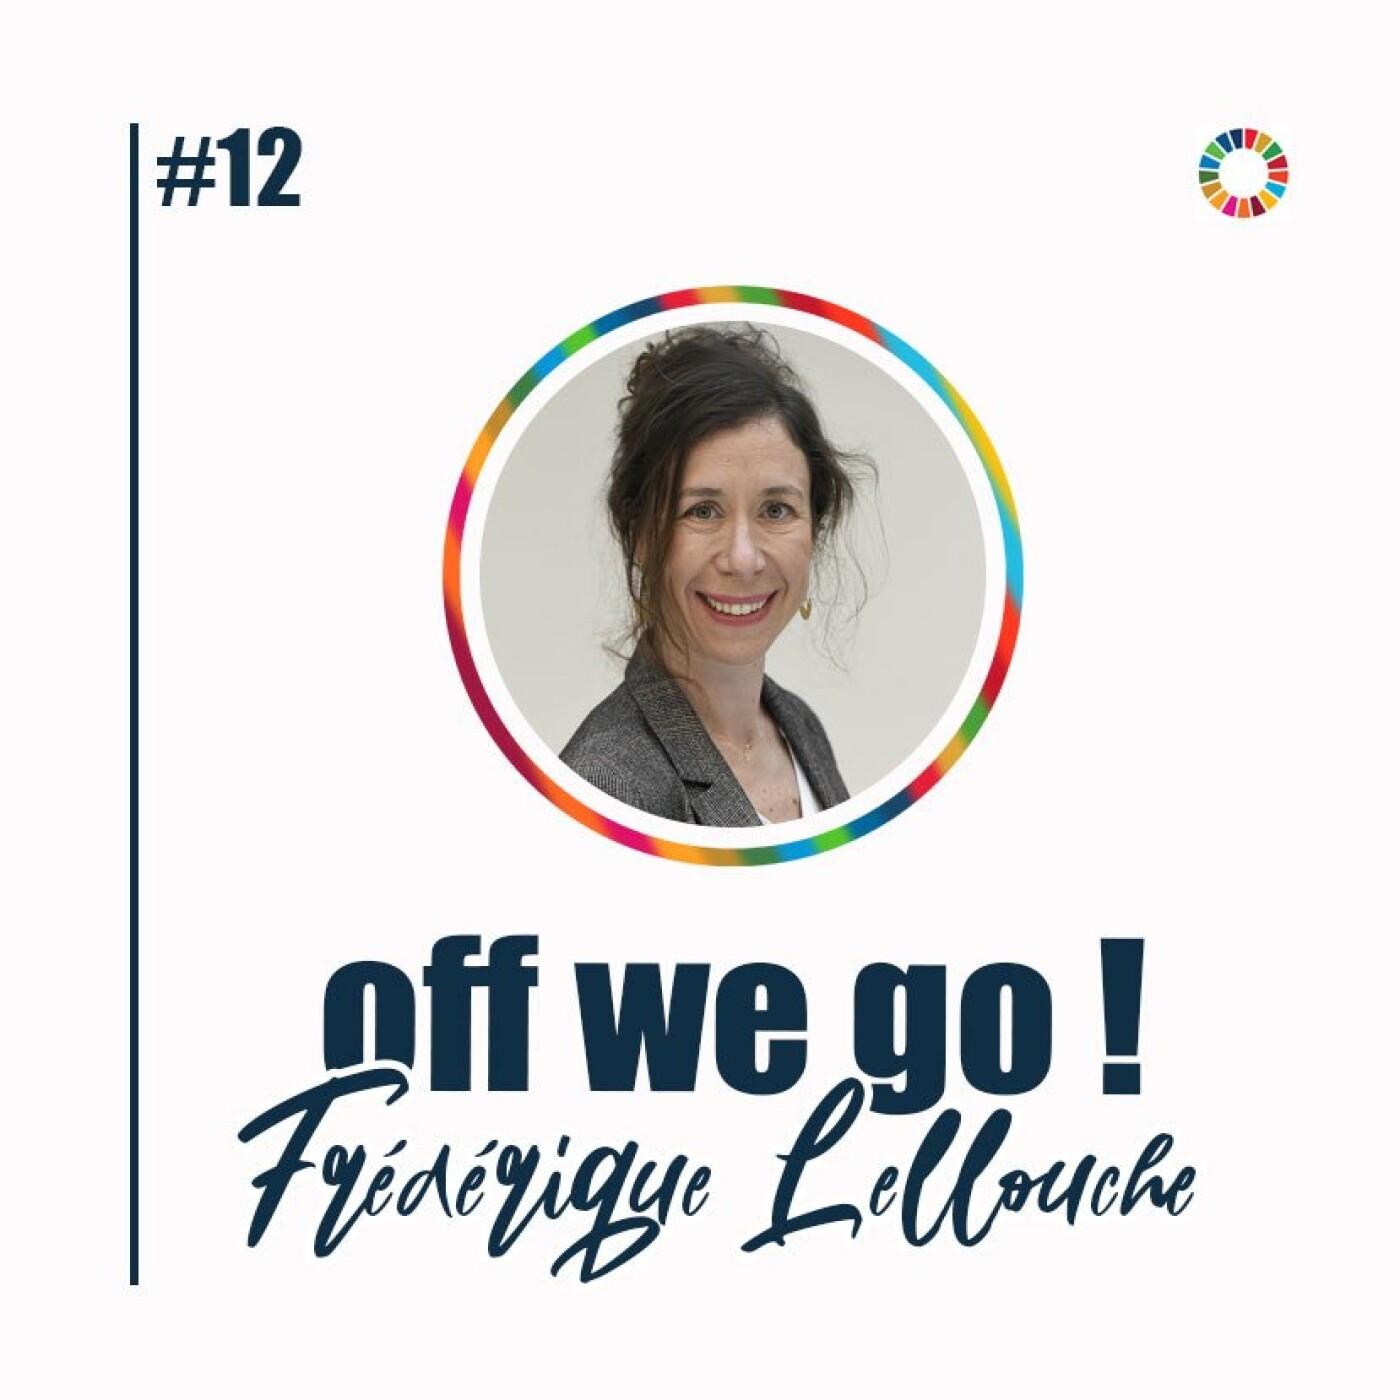 Replacer le dialogue social au sein des organisations - Frédérique Lellouche (CFDT)